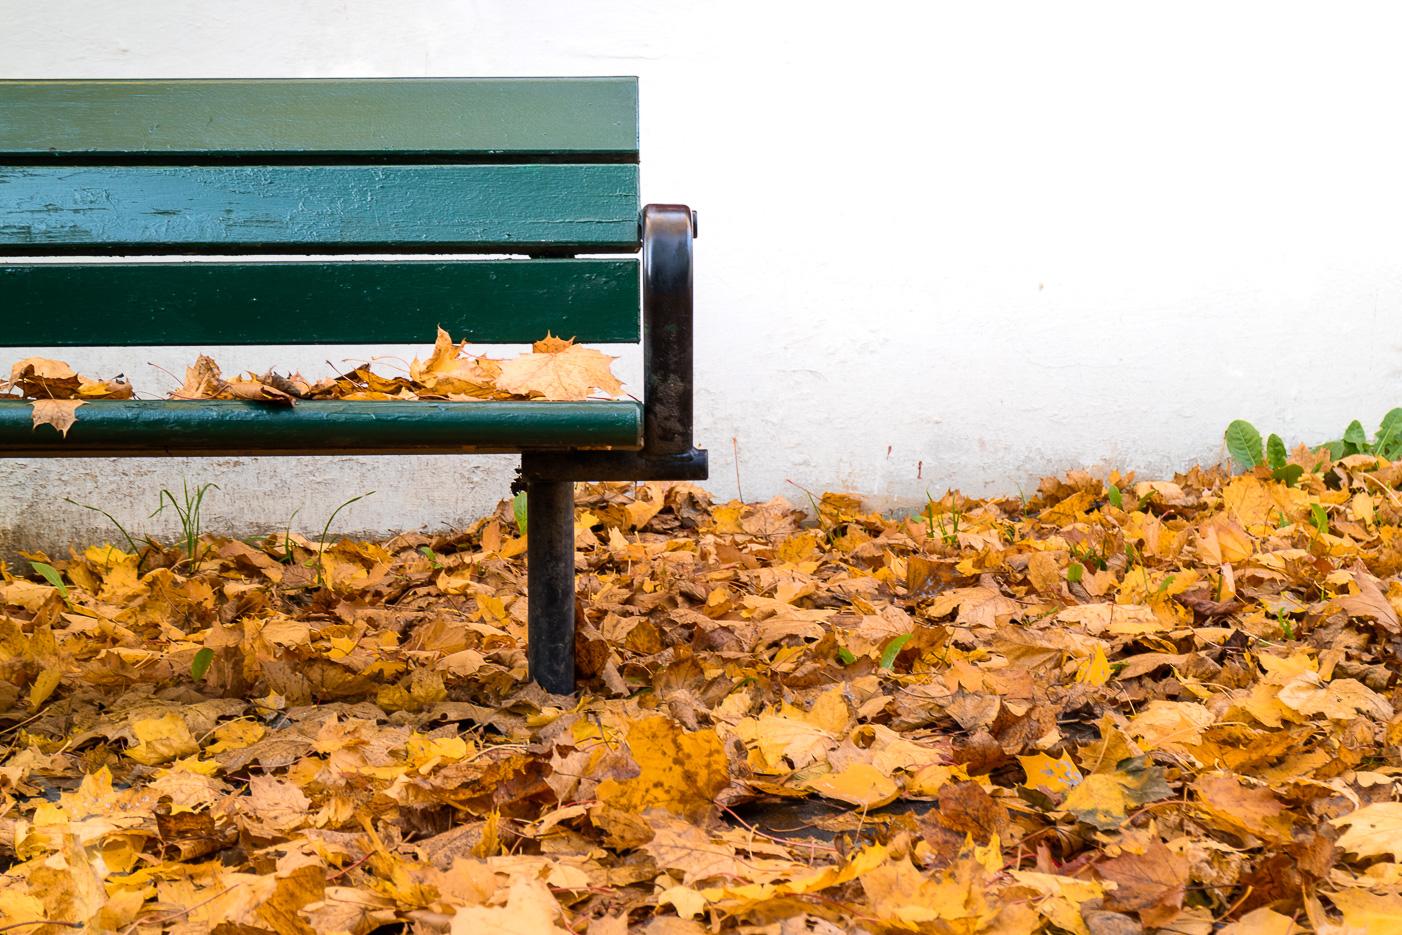 Vila en stund på bänken